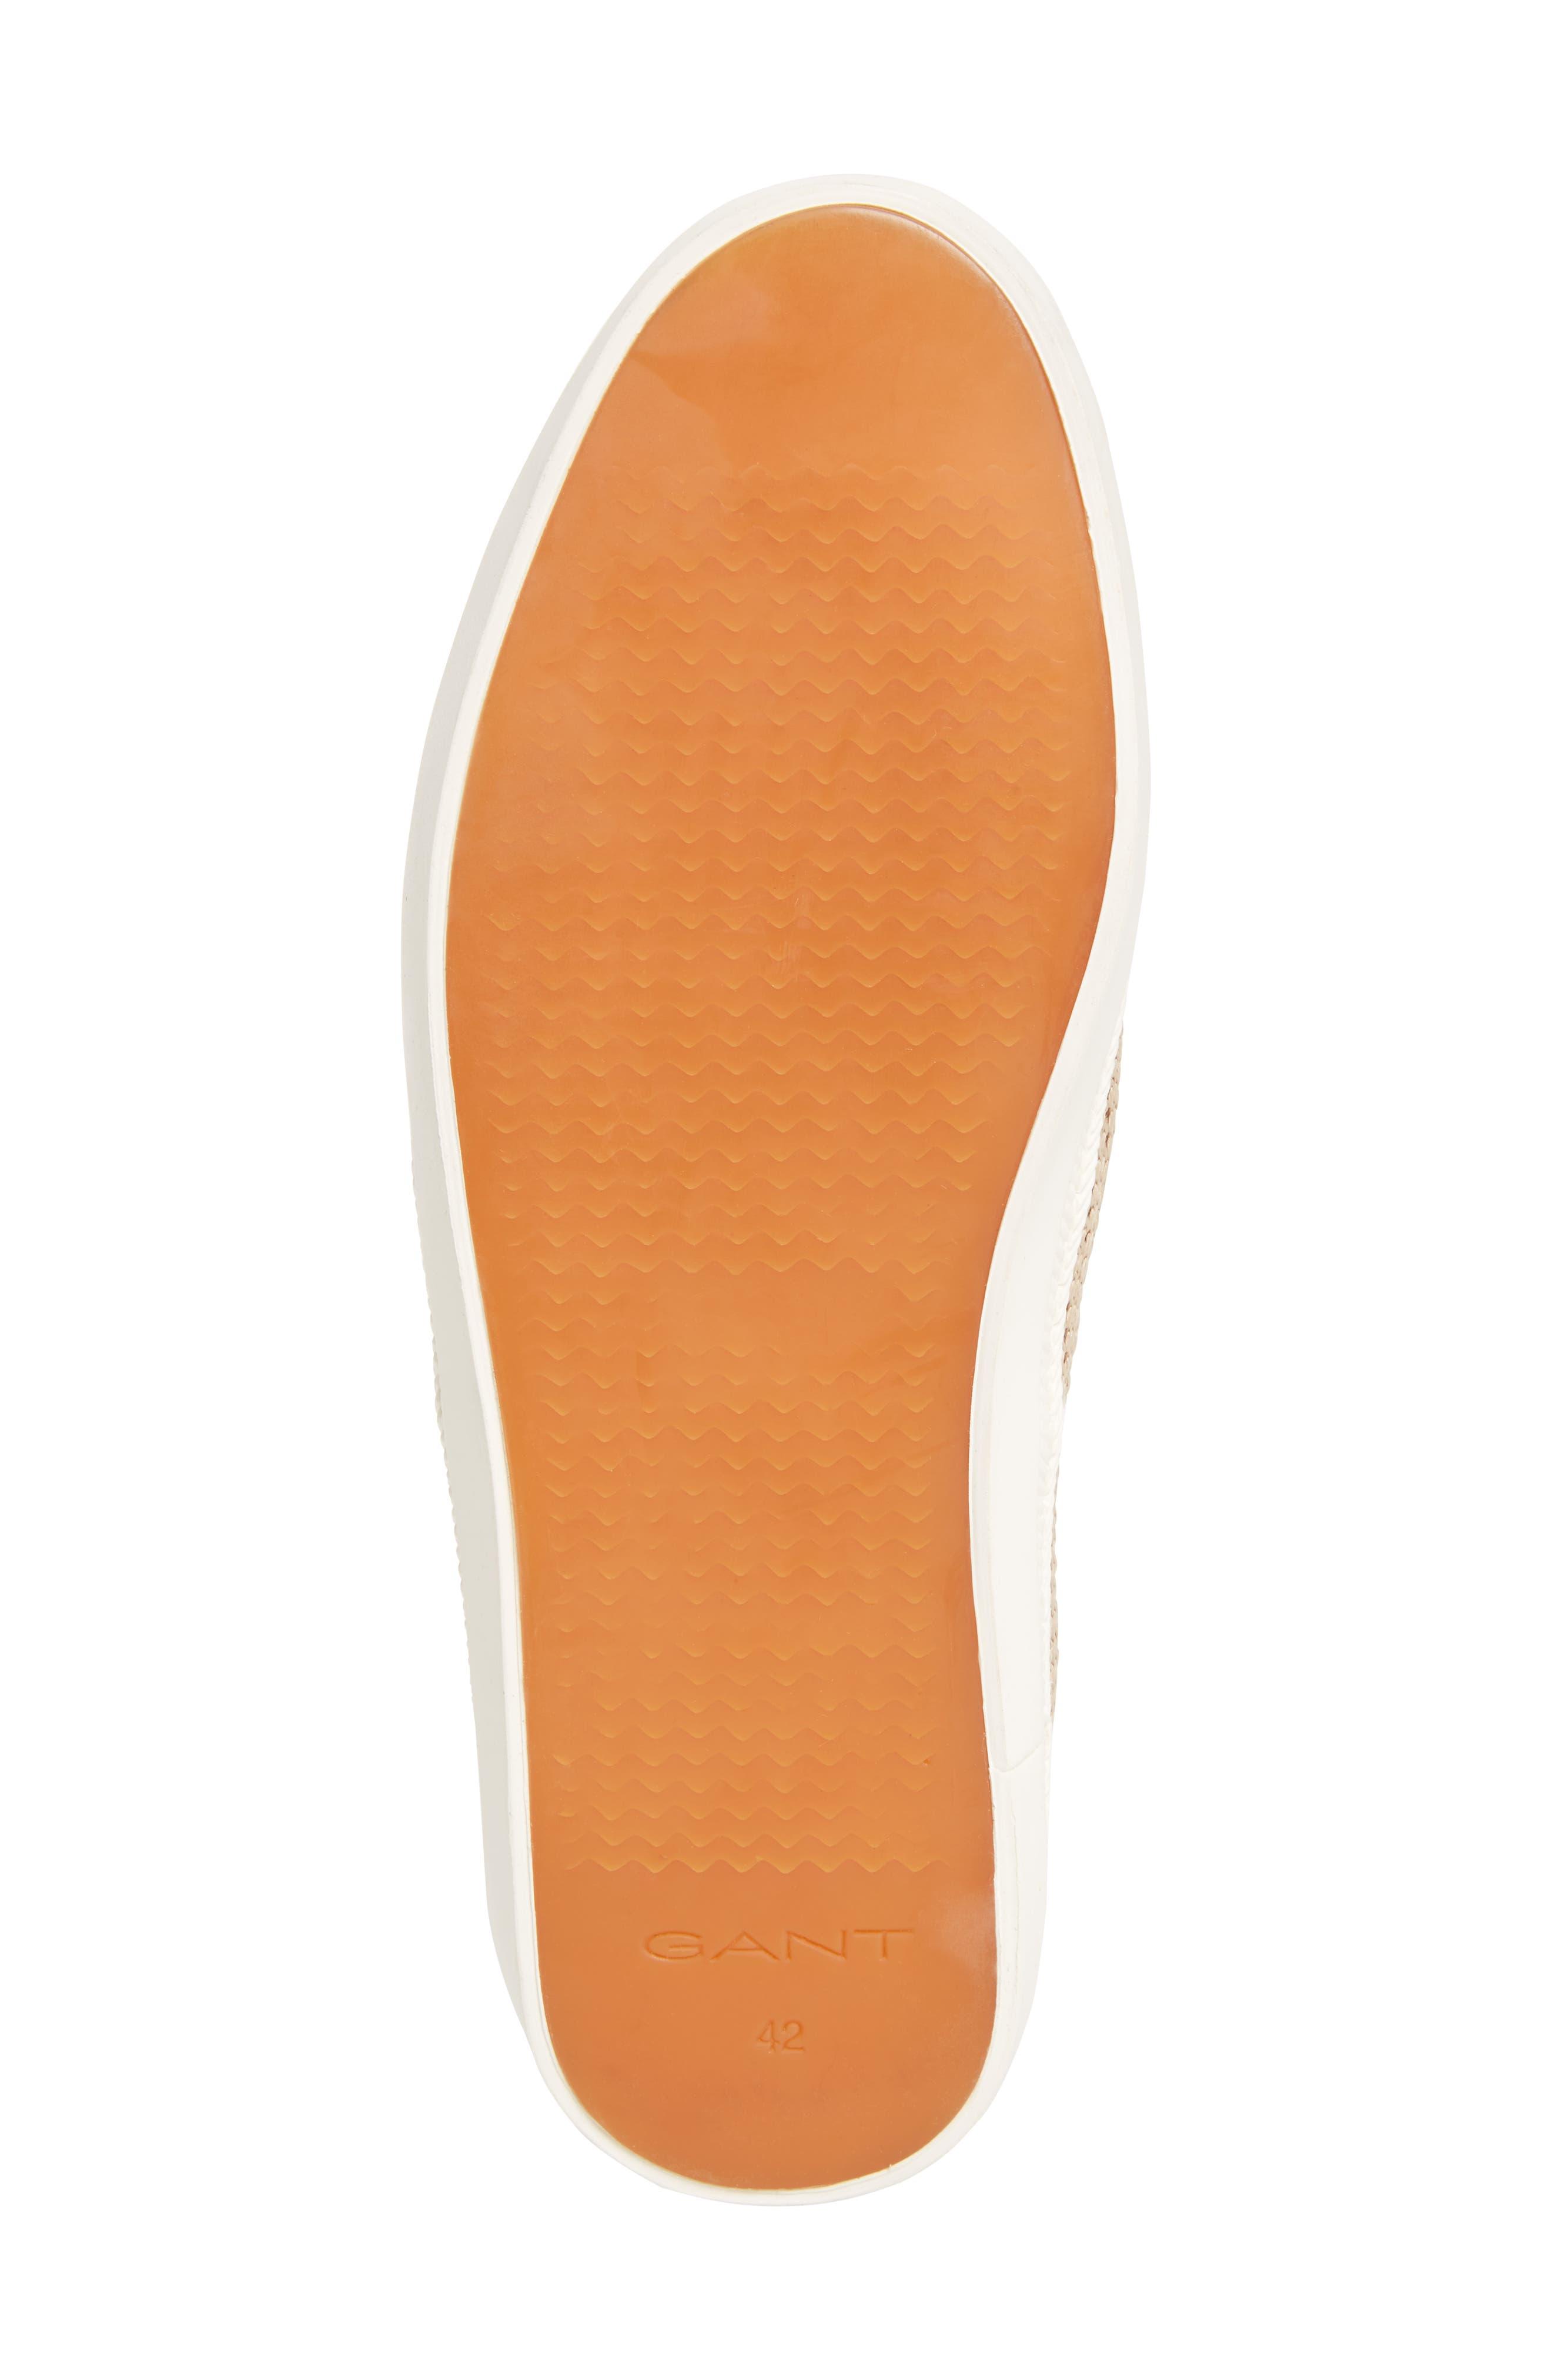 Viktor Woven Slip-On Sneaker,                             Alternate thumbnail 6, color,                             Dry Sand